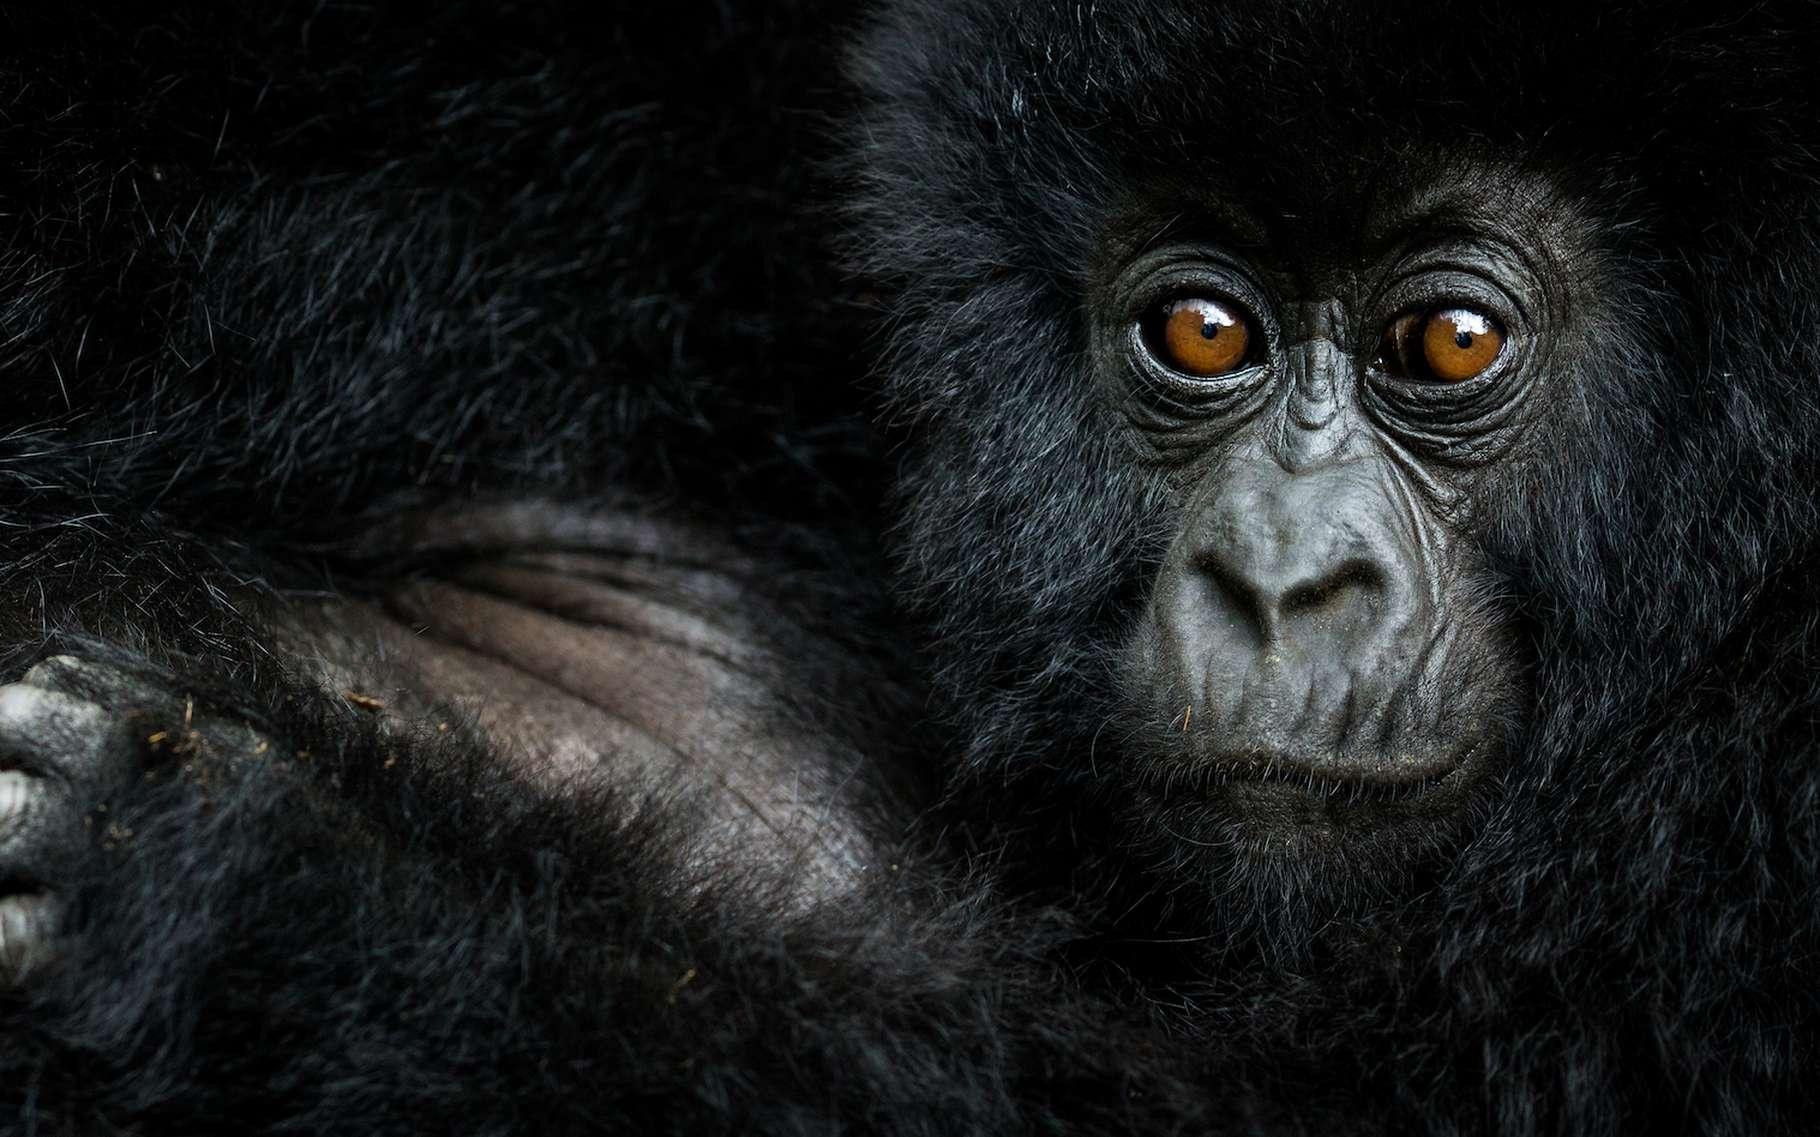 Le gorille ne faisait pas partie du Big Five des chasseurs de trophées. Notre cousin fait son apparition méritée dans celui des photographes. © Nelis Wolmarans, New Big 5 project